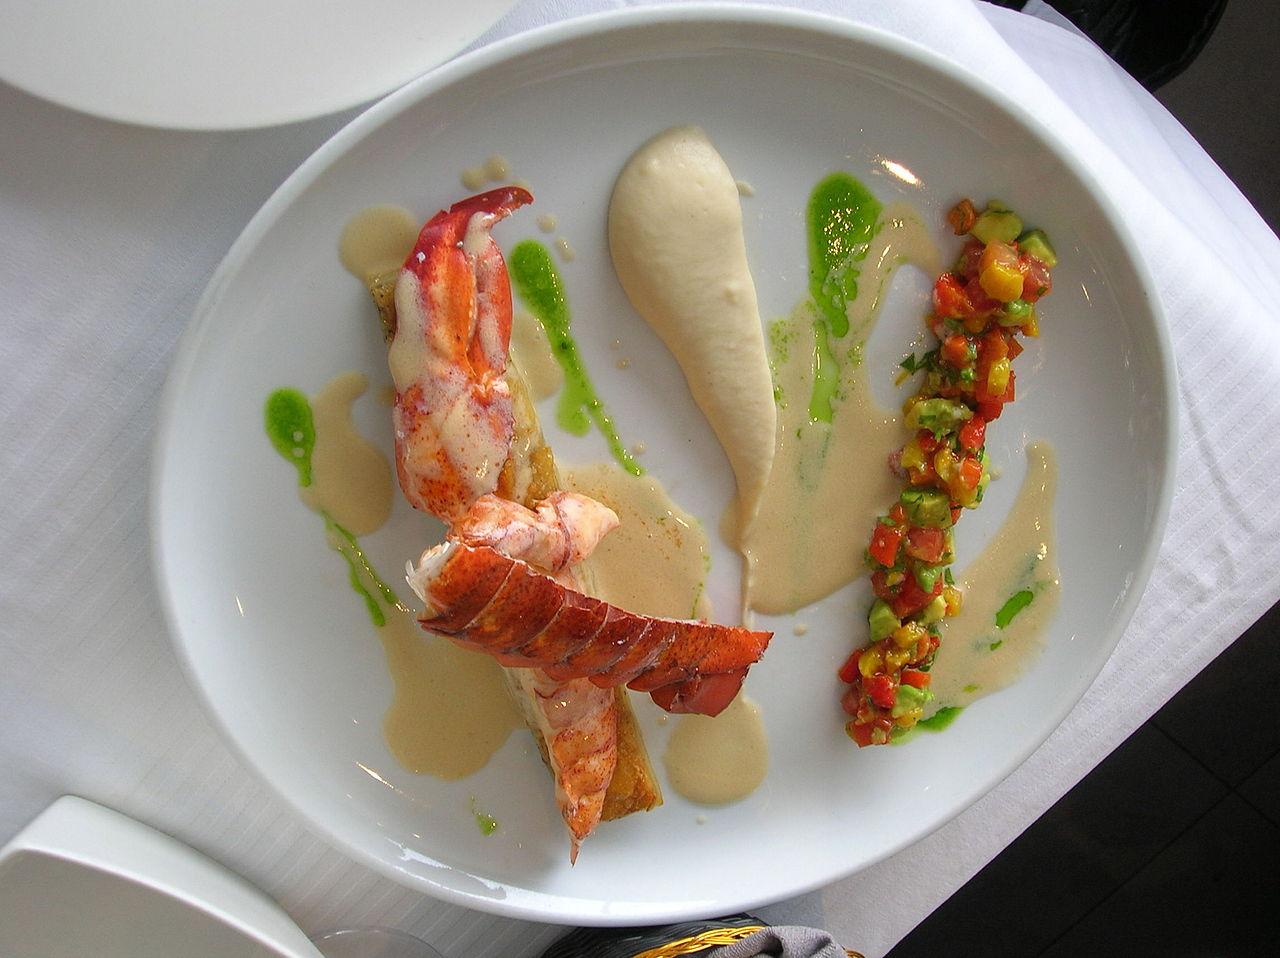 File:Lobster Sous - Vide in Mul Yam restaurant, Tel Aviv.JPG - Wikimedia Commons